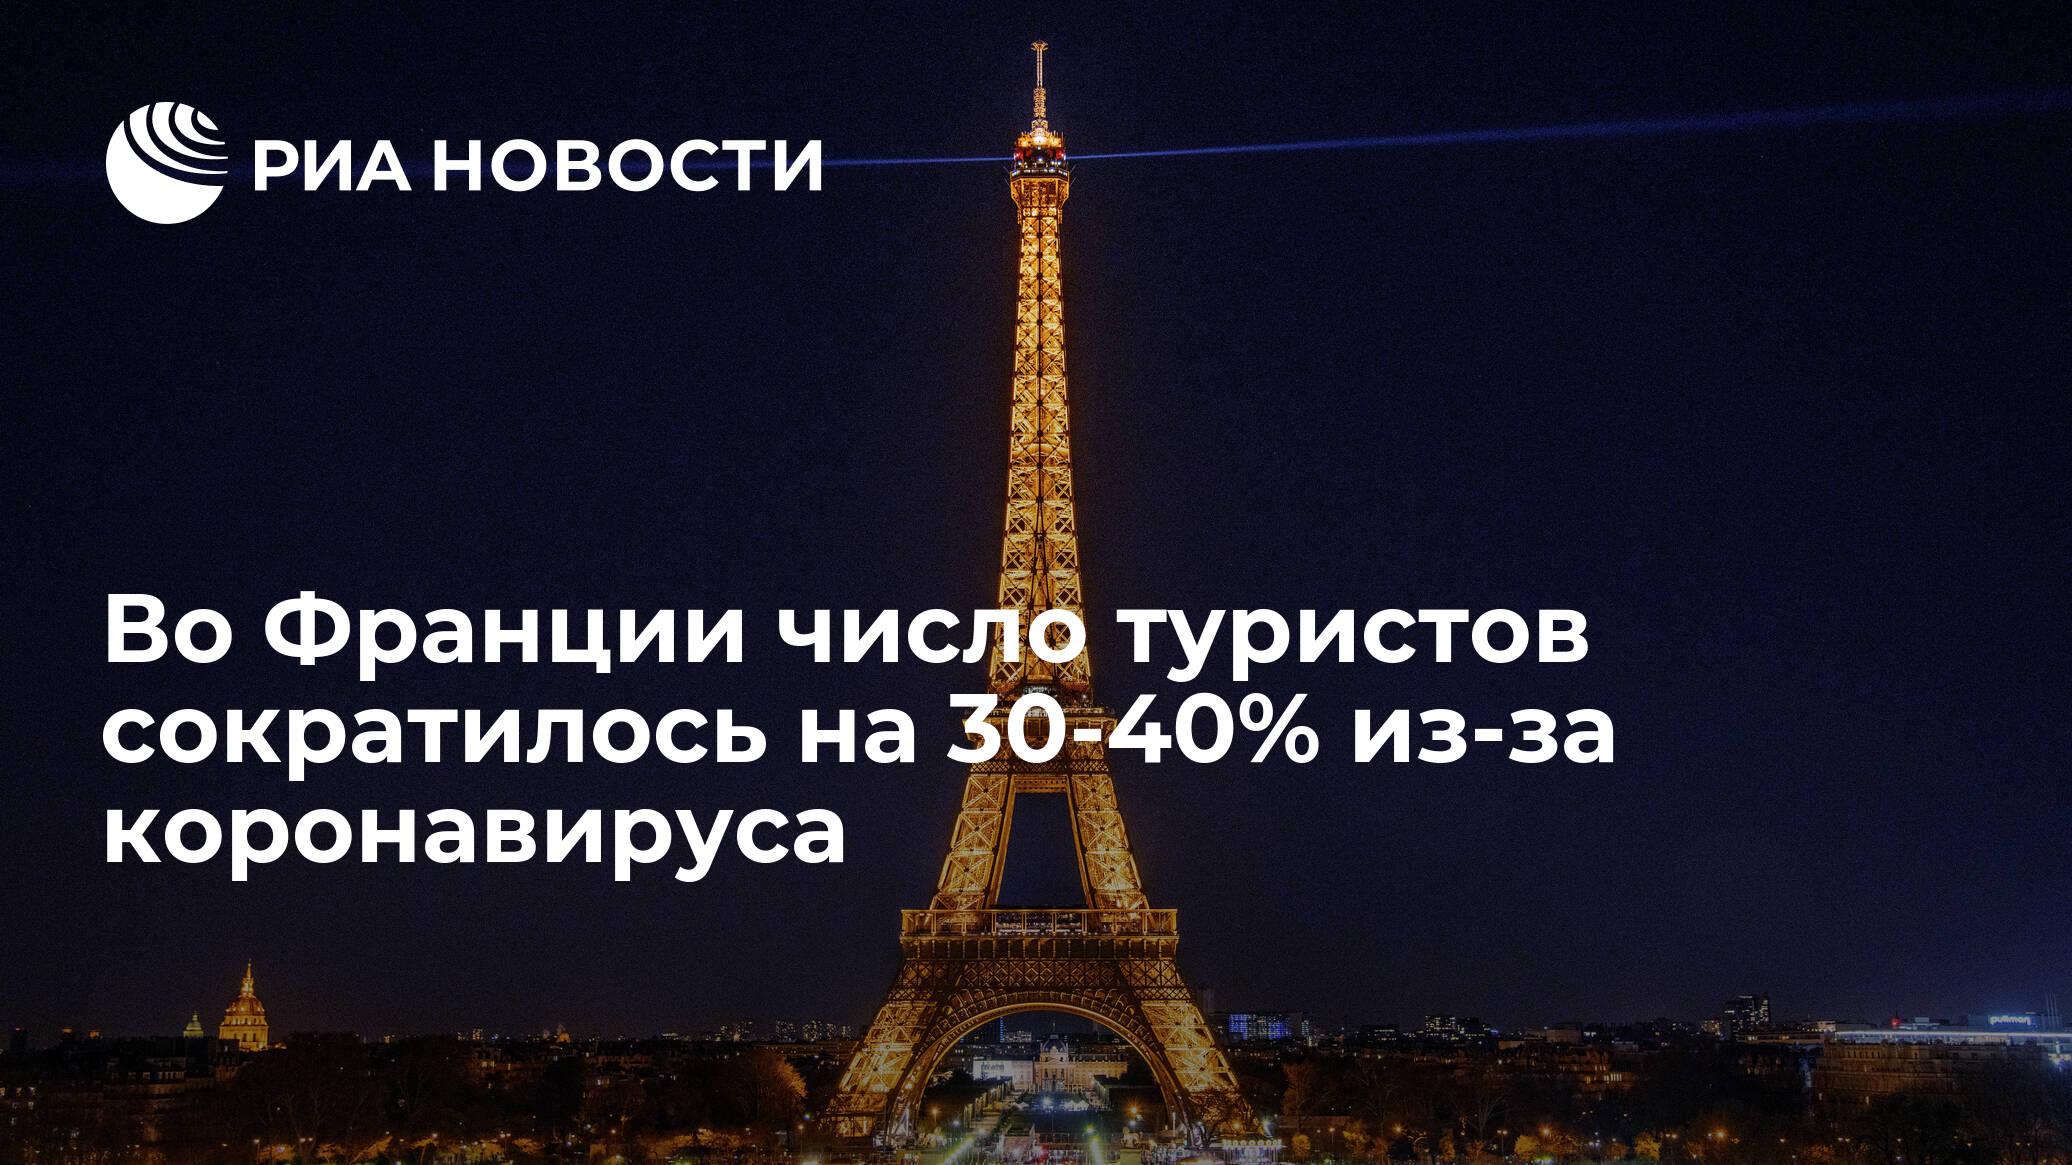 Во Франции число туристов сократилось на 30-40% из-за коронавируса